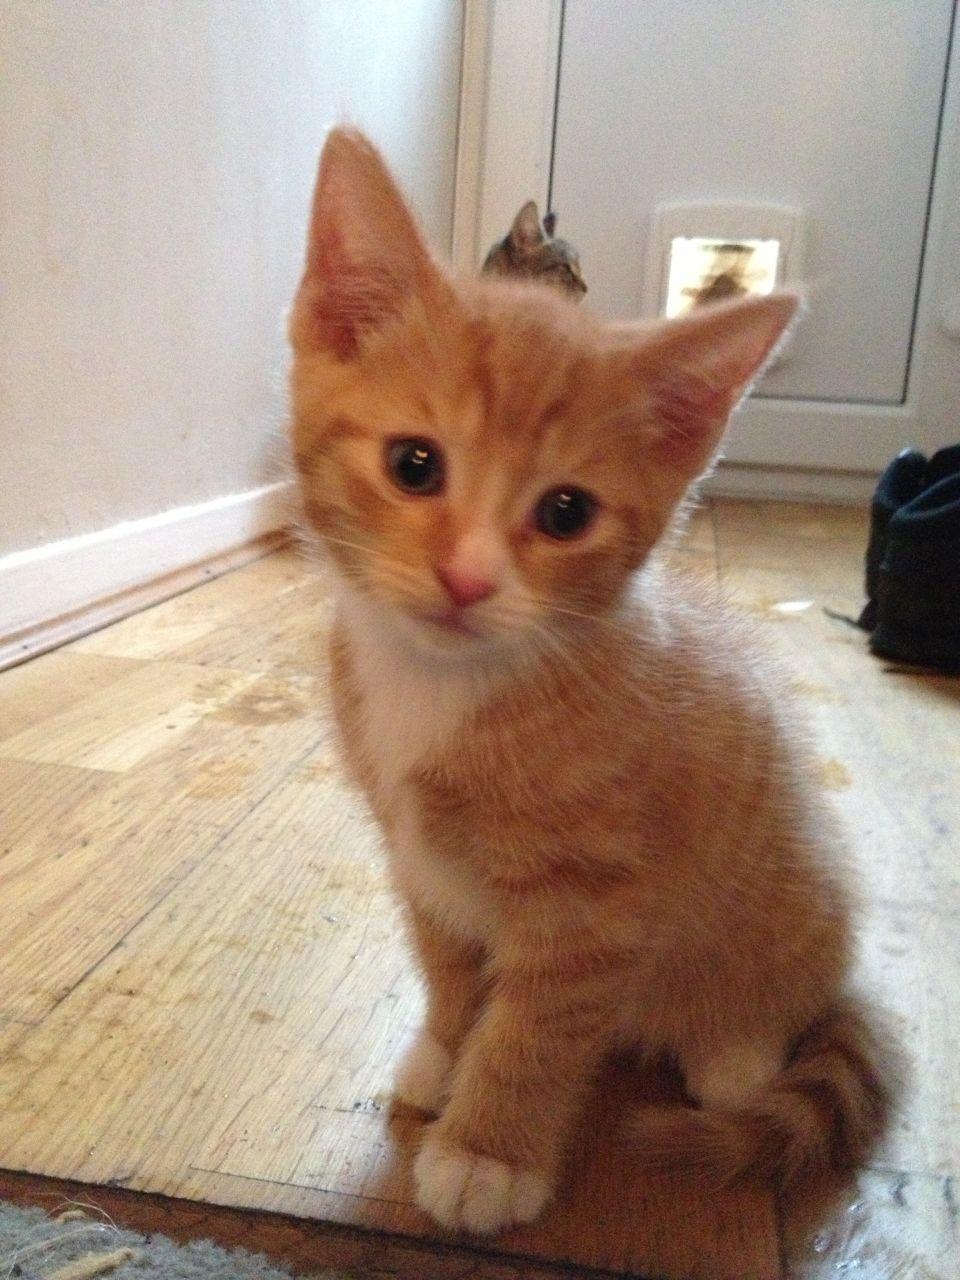 Orange Tabby Kittens Cute Kittens Photo 41521093 Fanpop